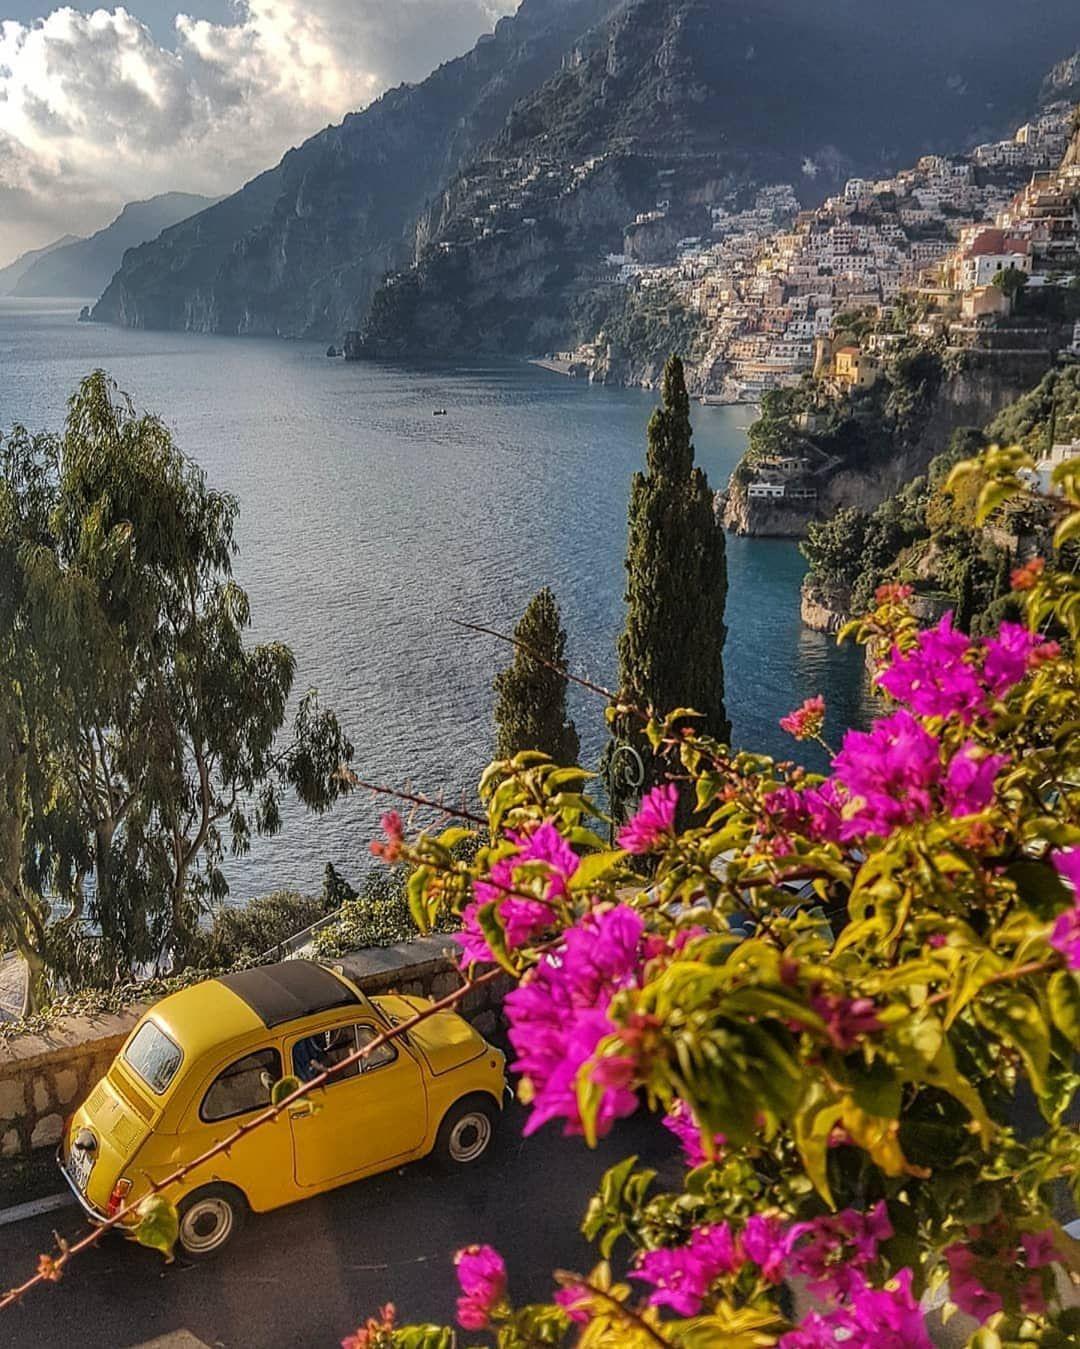 Les Plus Beaux Paysages D Europe : beaux, paysages, europe, Incredible_europe, Beaux, Paysages,, Photographie, Paysage